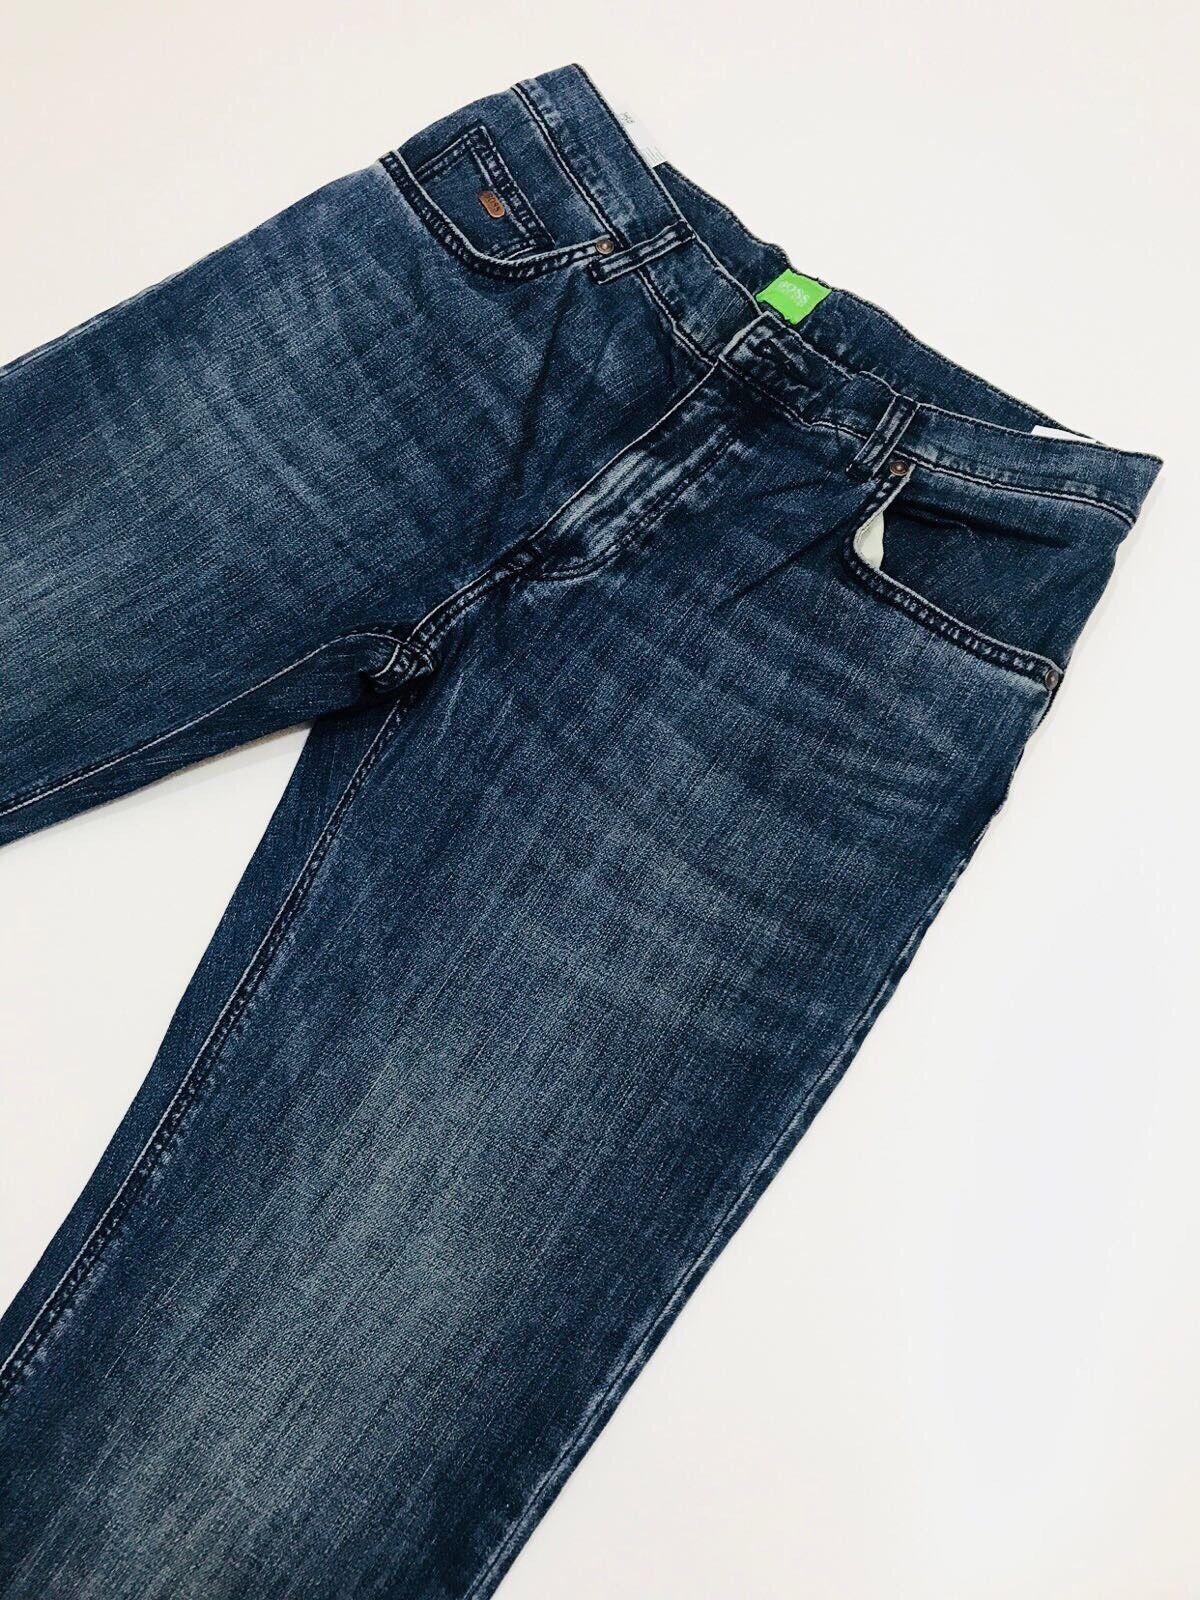 Hugo Boss Men's Stretch Regular Fit Jeans  | Eleganter Stil  | Eine Große Vielfalt An Modelle 2019 Neue  | Züchtungen Eingeführt Werden Eine Nach Der Anderen